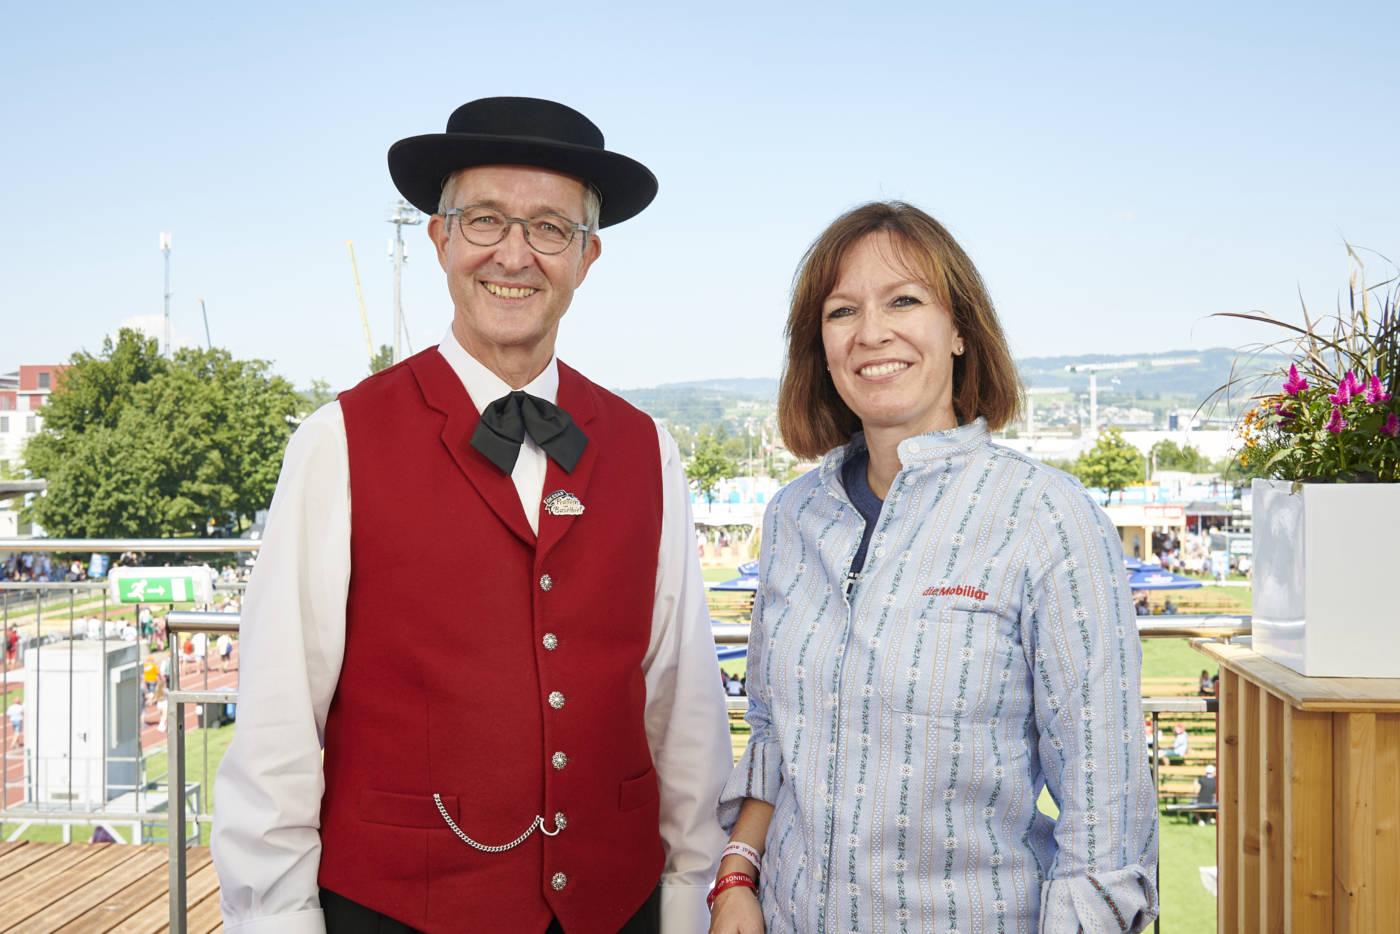 Die ersten beiden Königspartner stehen fest, Eidgenössisches Schwing- und Älplerfest Pratteln im Baselbiet | ESAF 2022